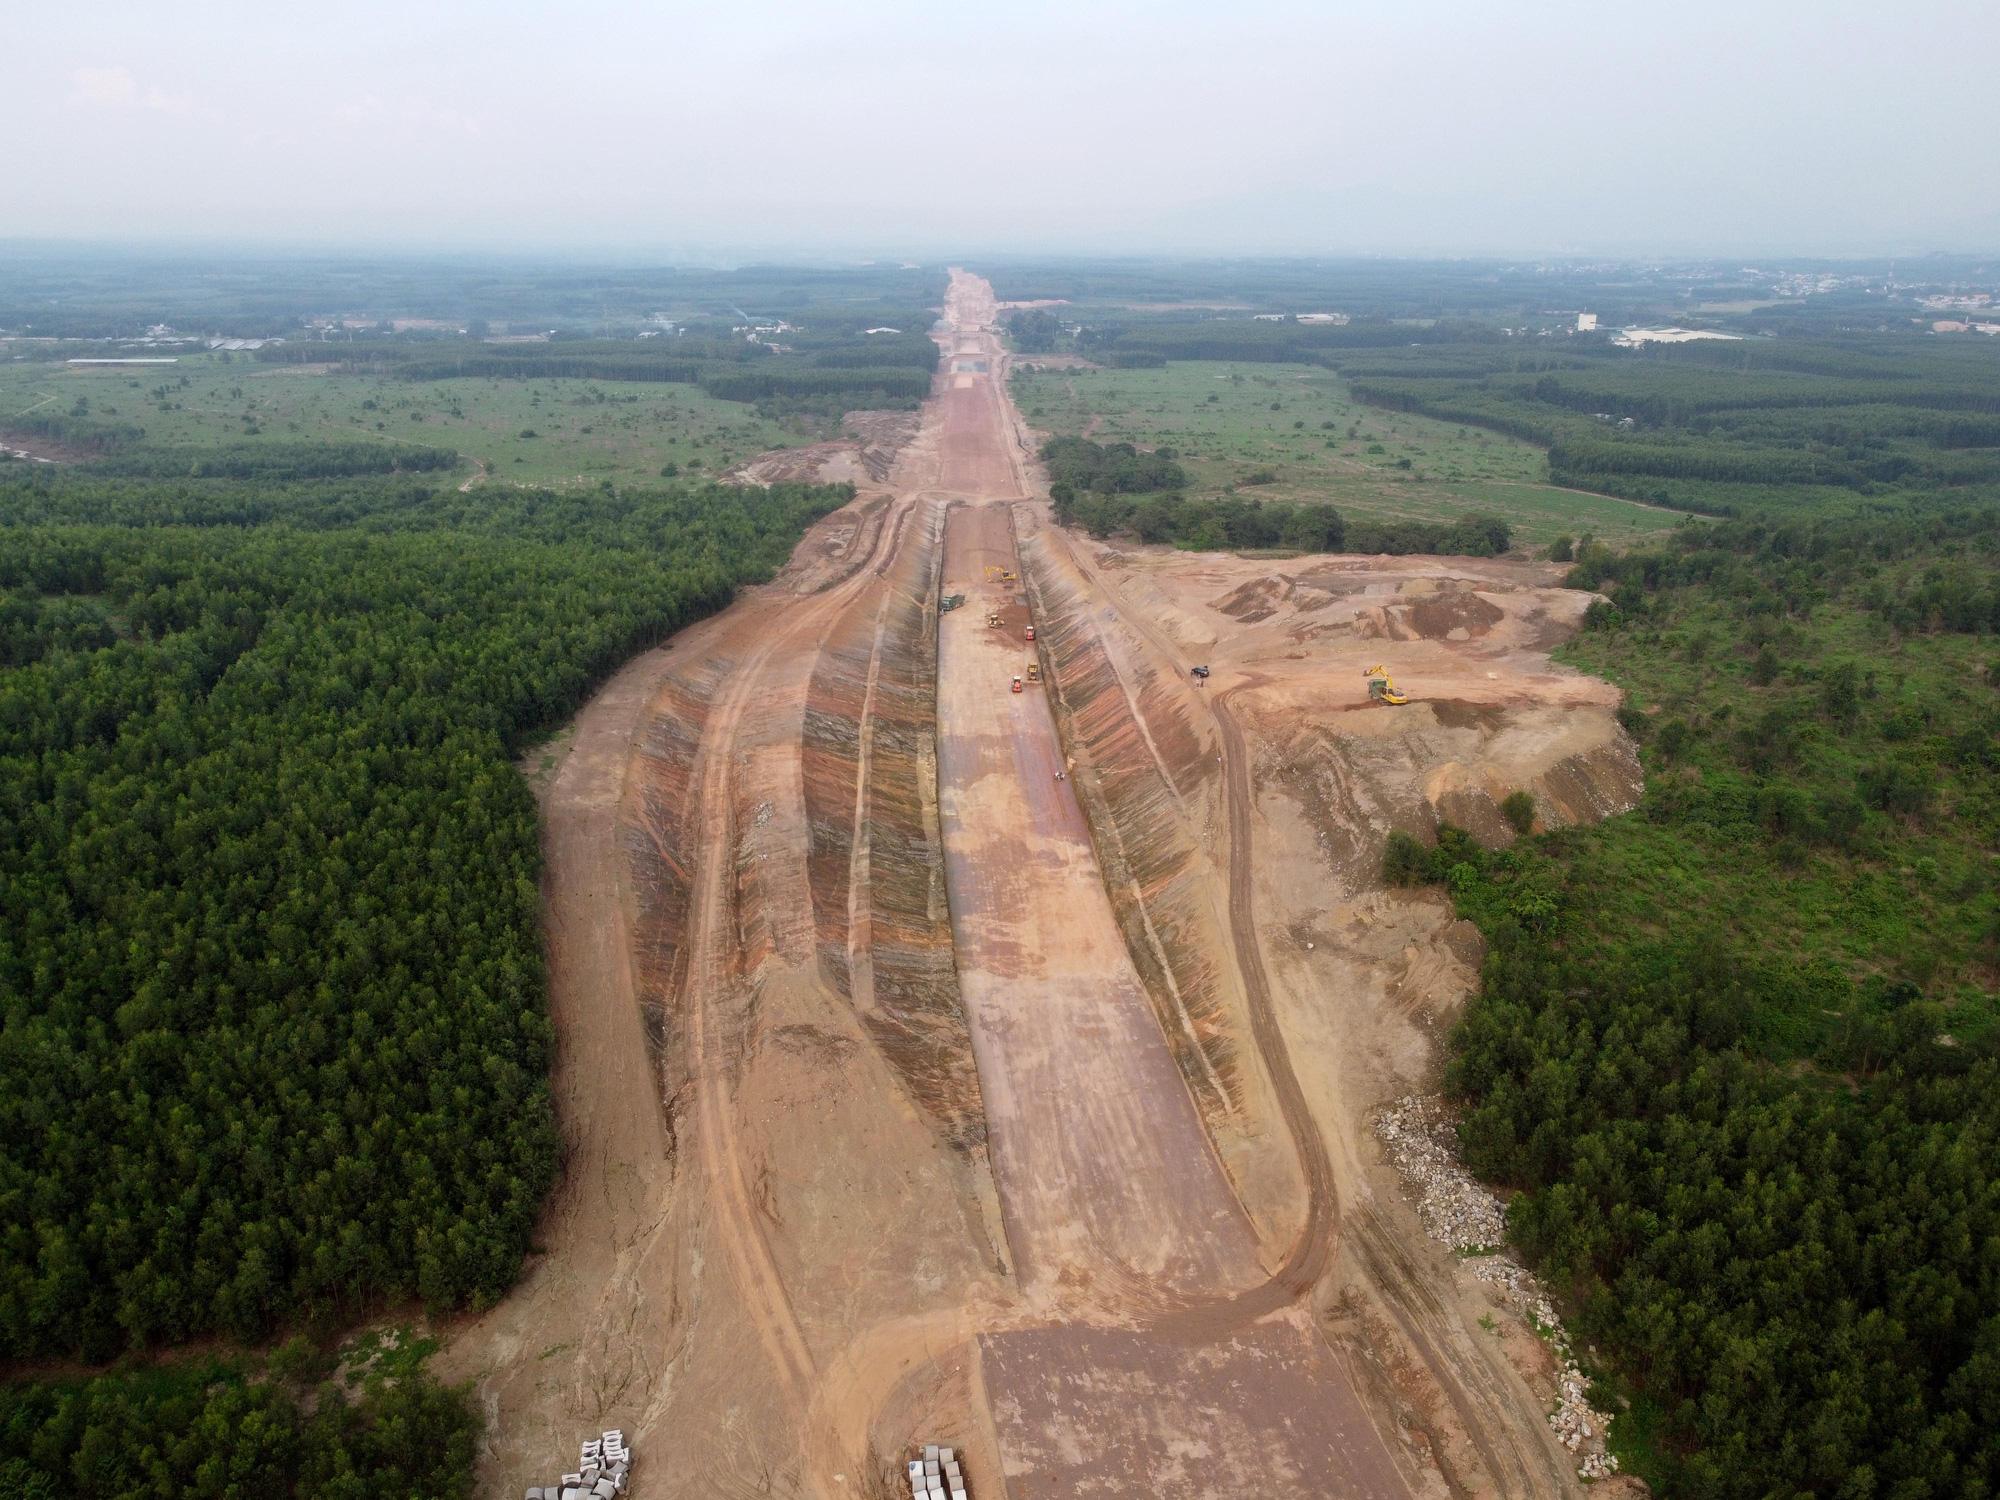 Cao tốc Phan Thiết - Dầu Giây dần lộ diện sau hơn 8 tháng thi công - Ảnh 6.